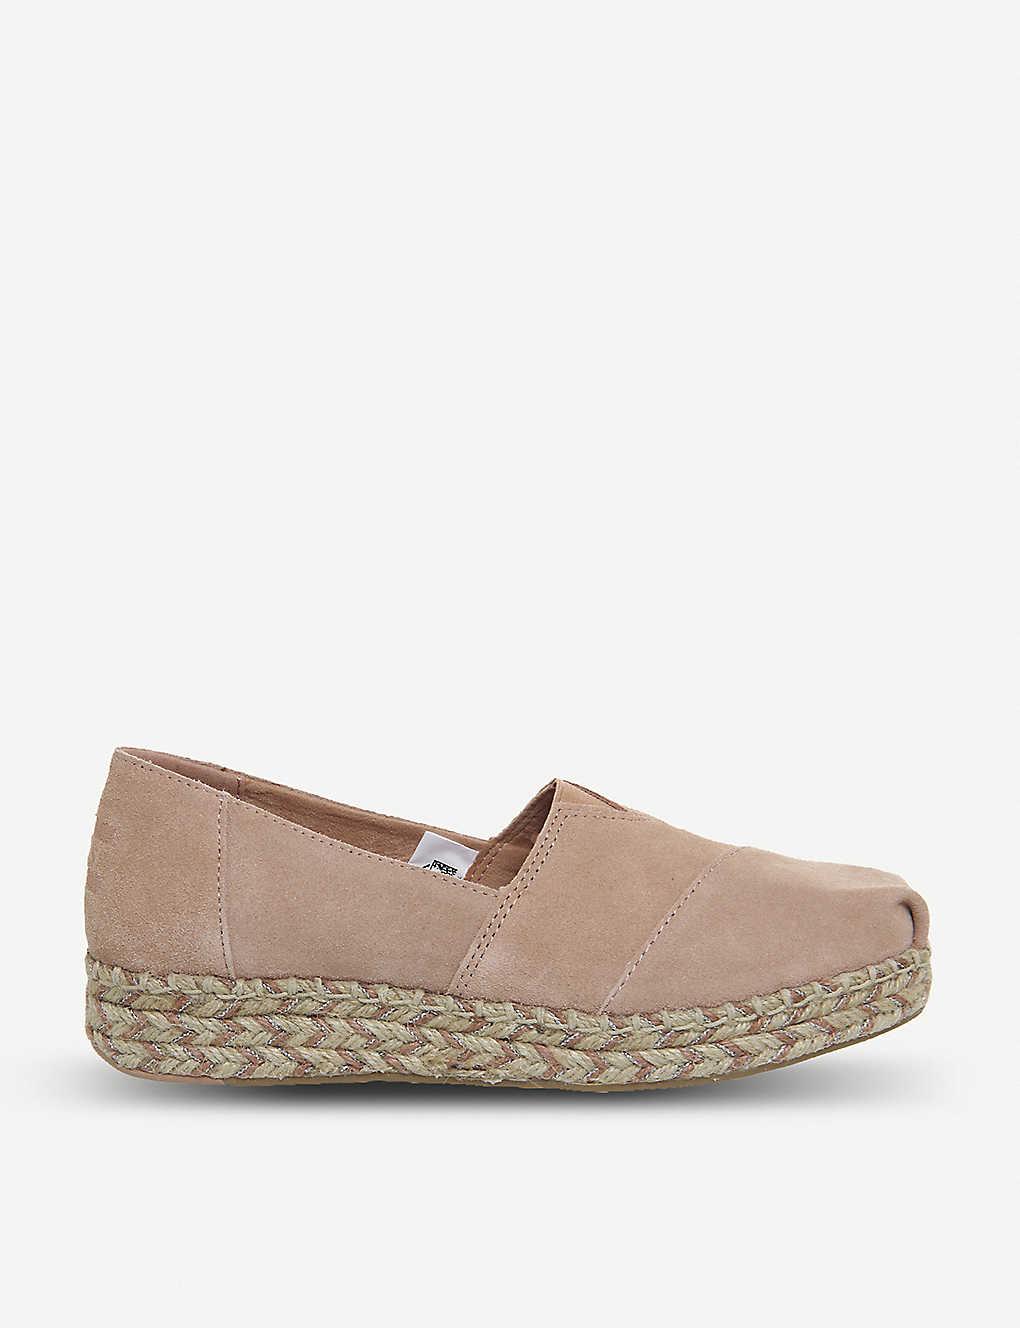 5647197cc99 TOMS - Platform Alpargata suede shoes